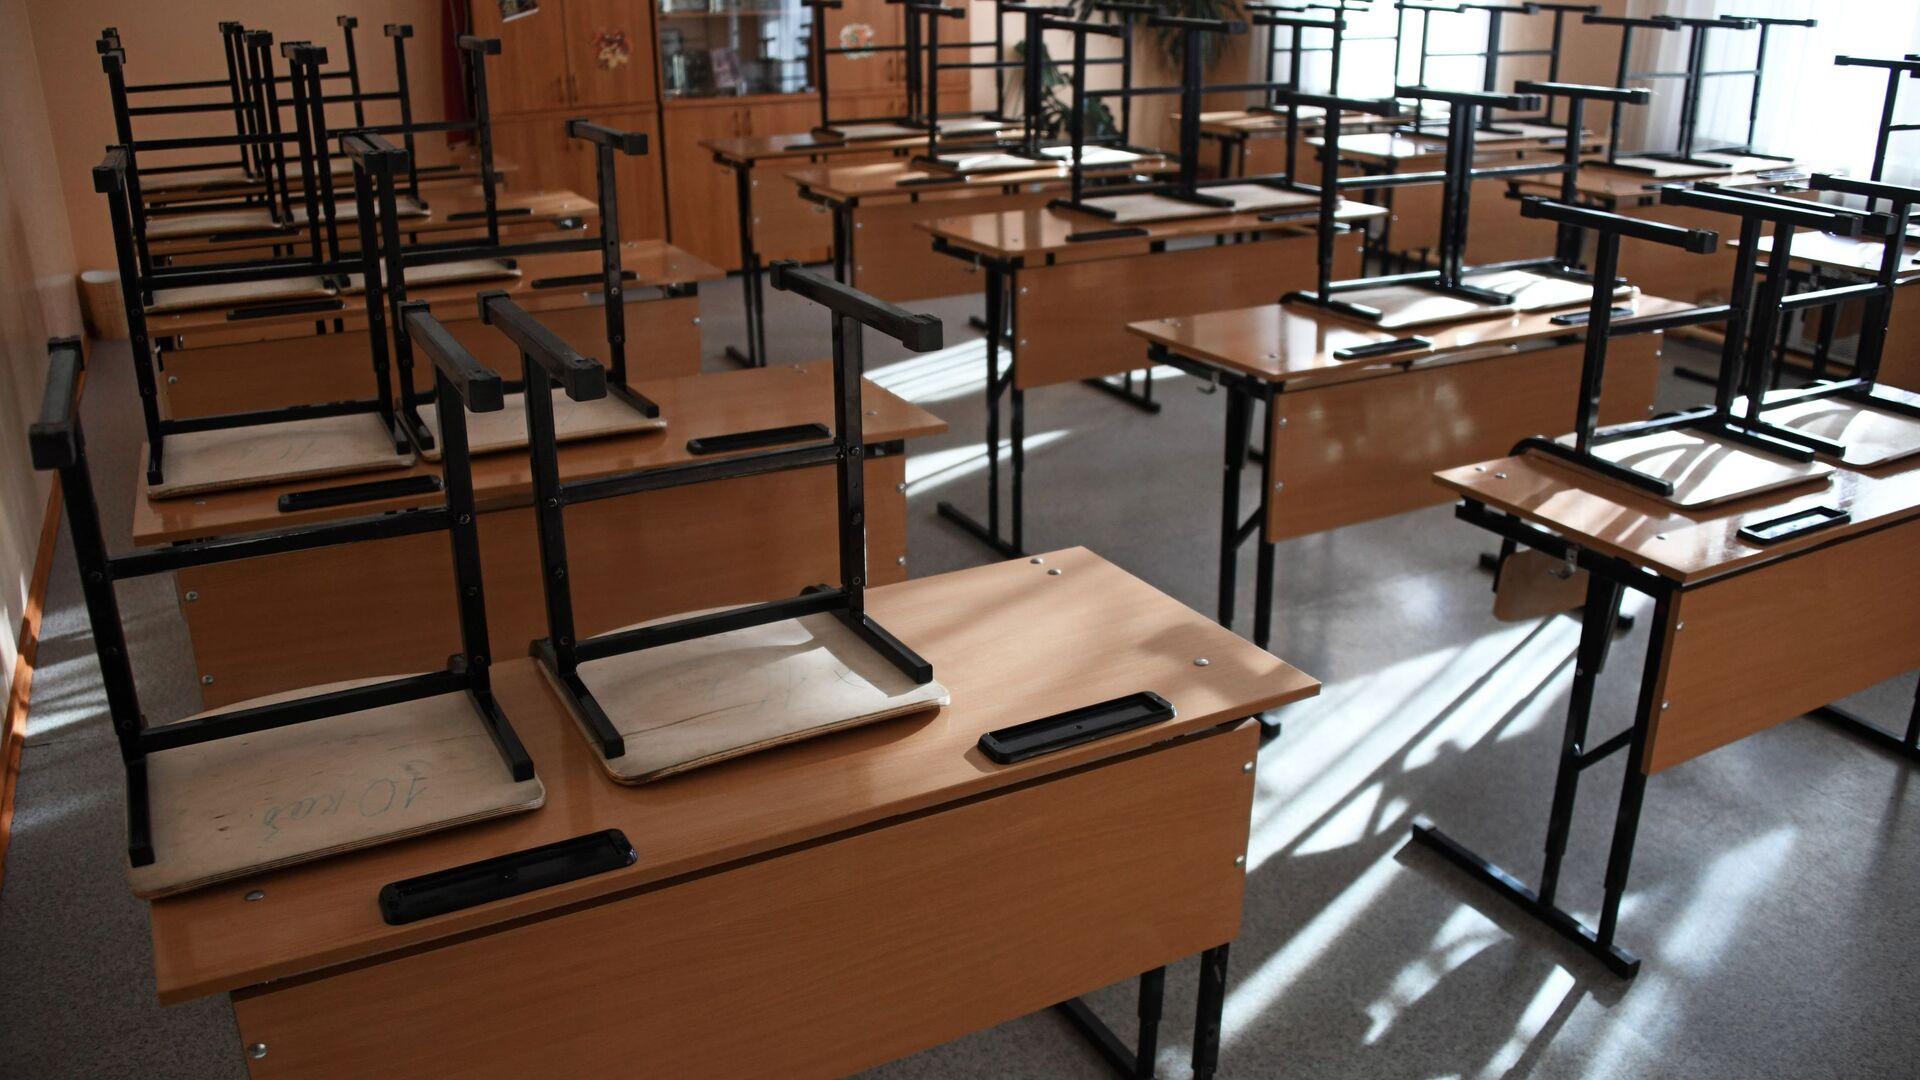 Пустой класс в школе - Sputnik Узбекистан, 1920, 17.09.2021